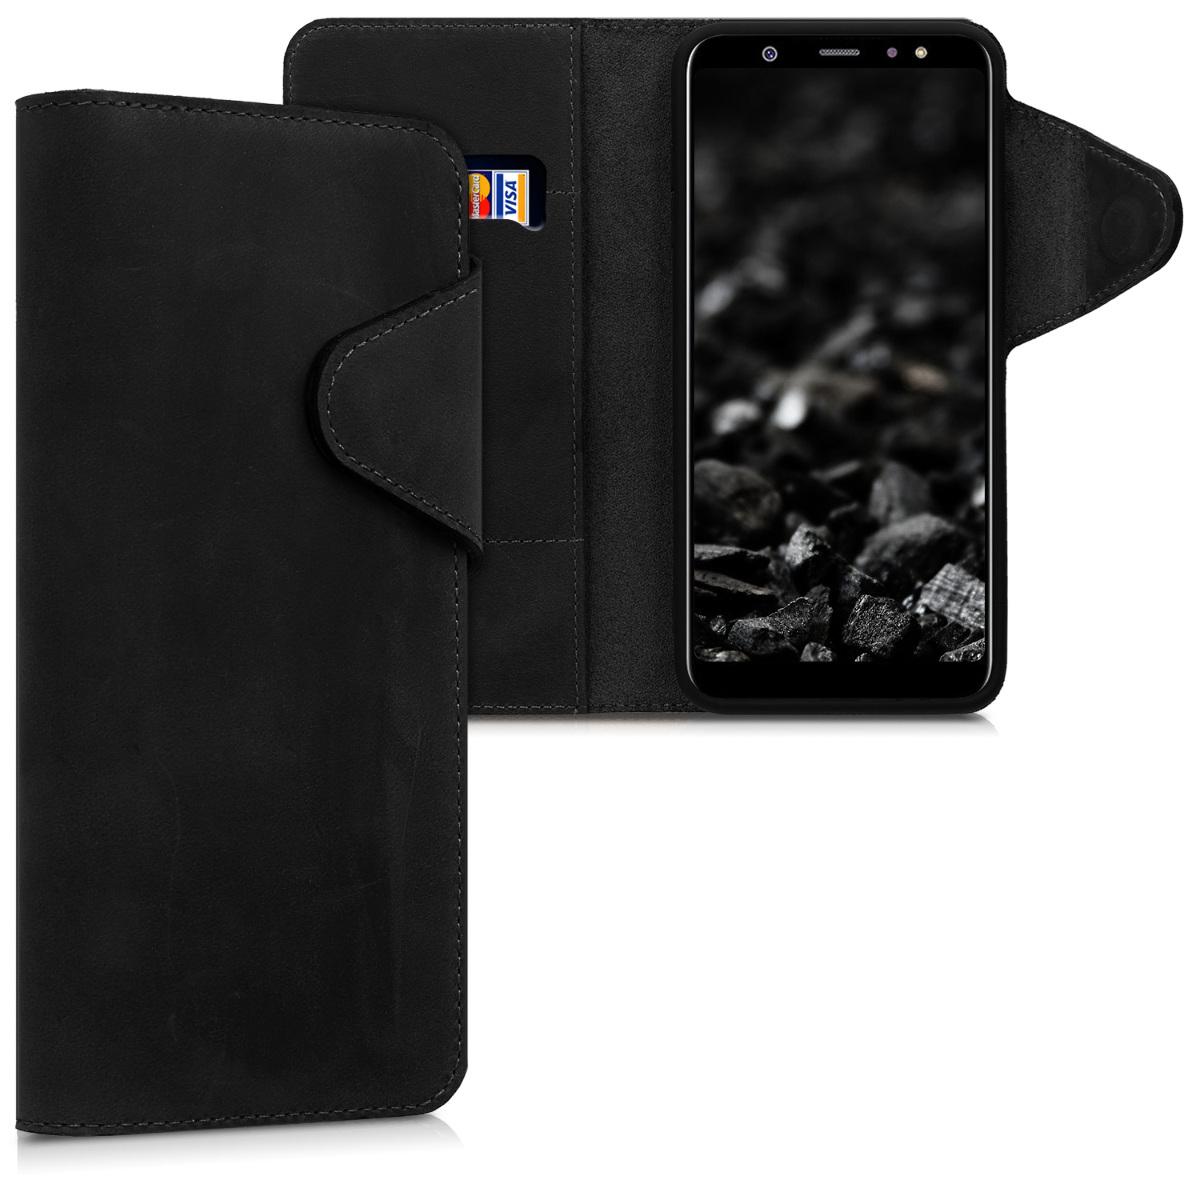 Kalibri Δερμάτινη Suede Θήκη - Πορτοφόλι Samsung Galaxy A6 Plus 2018 - Black (45265.01)